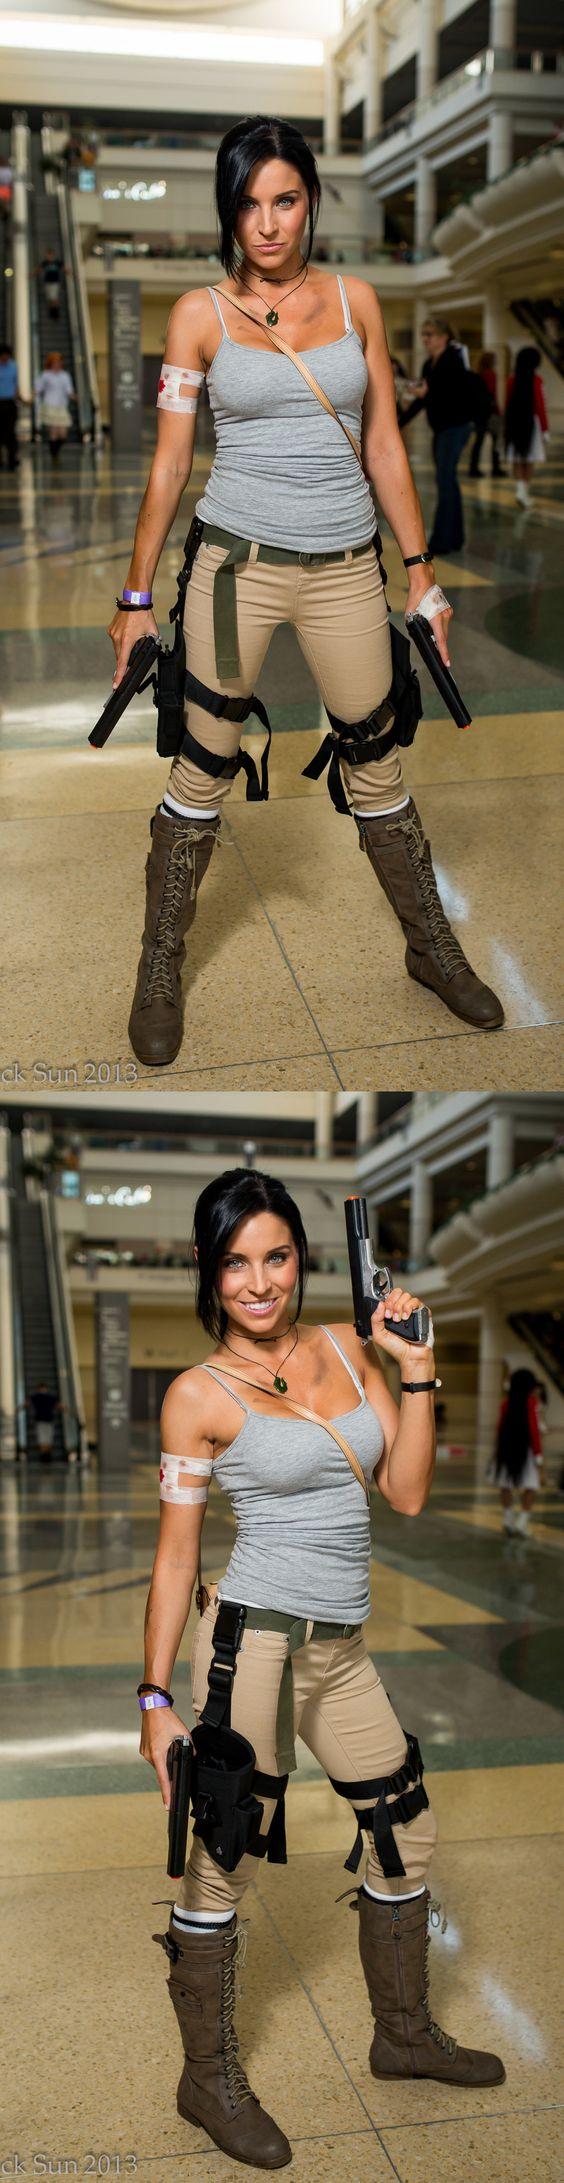 Lara Croft | MegaCon, March 16, 2013